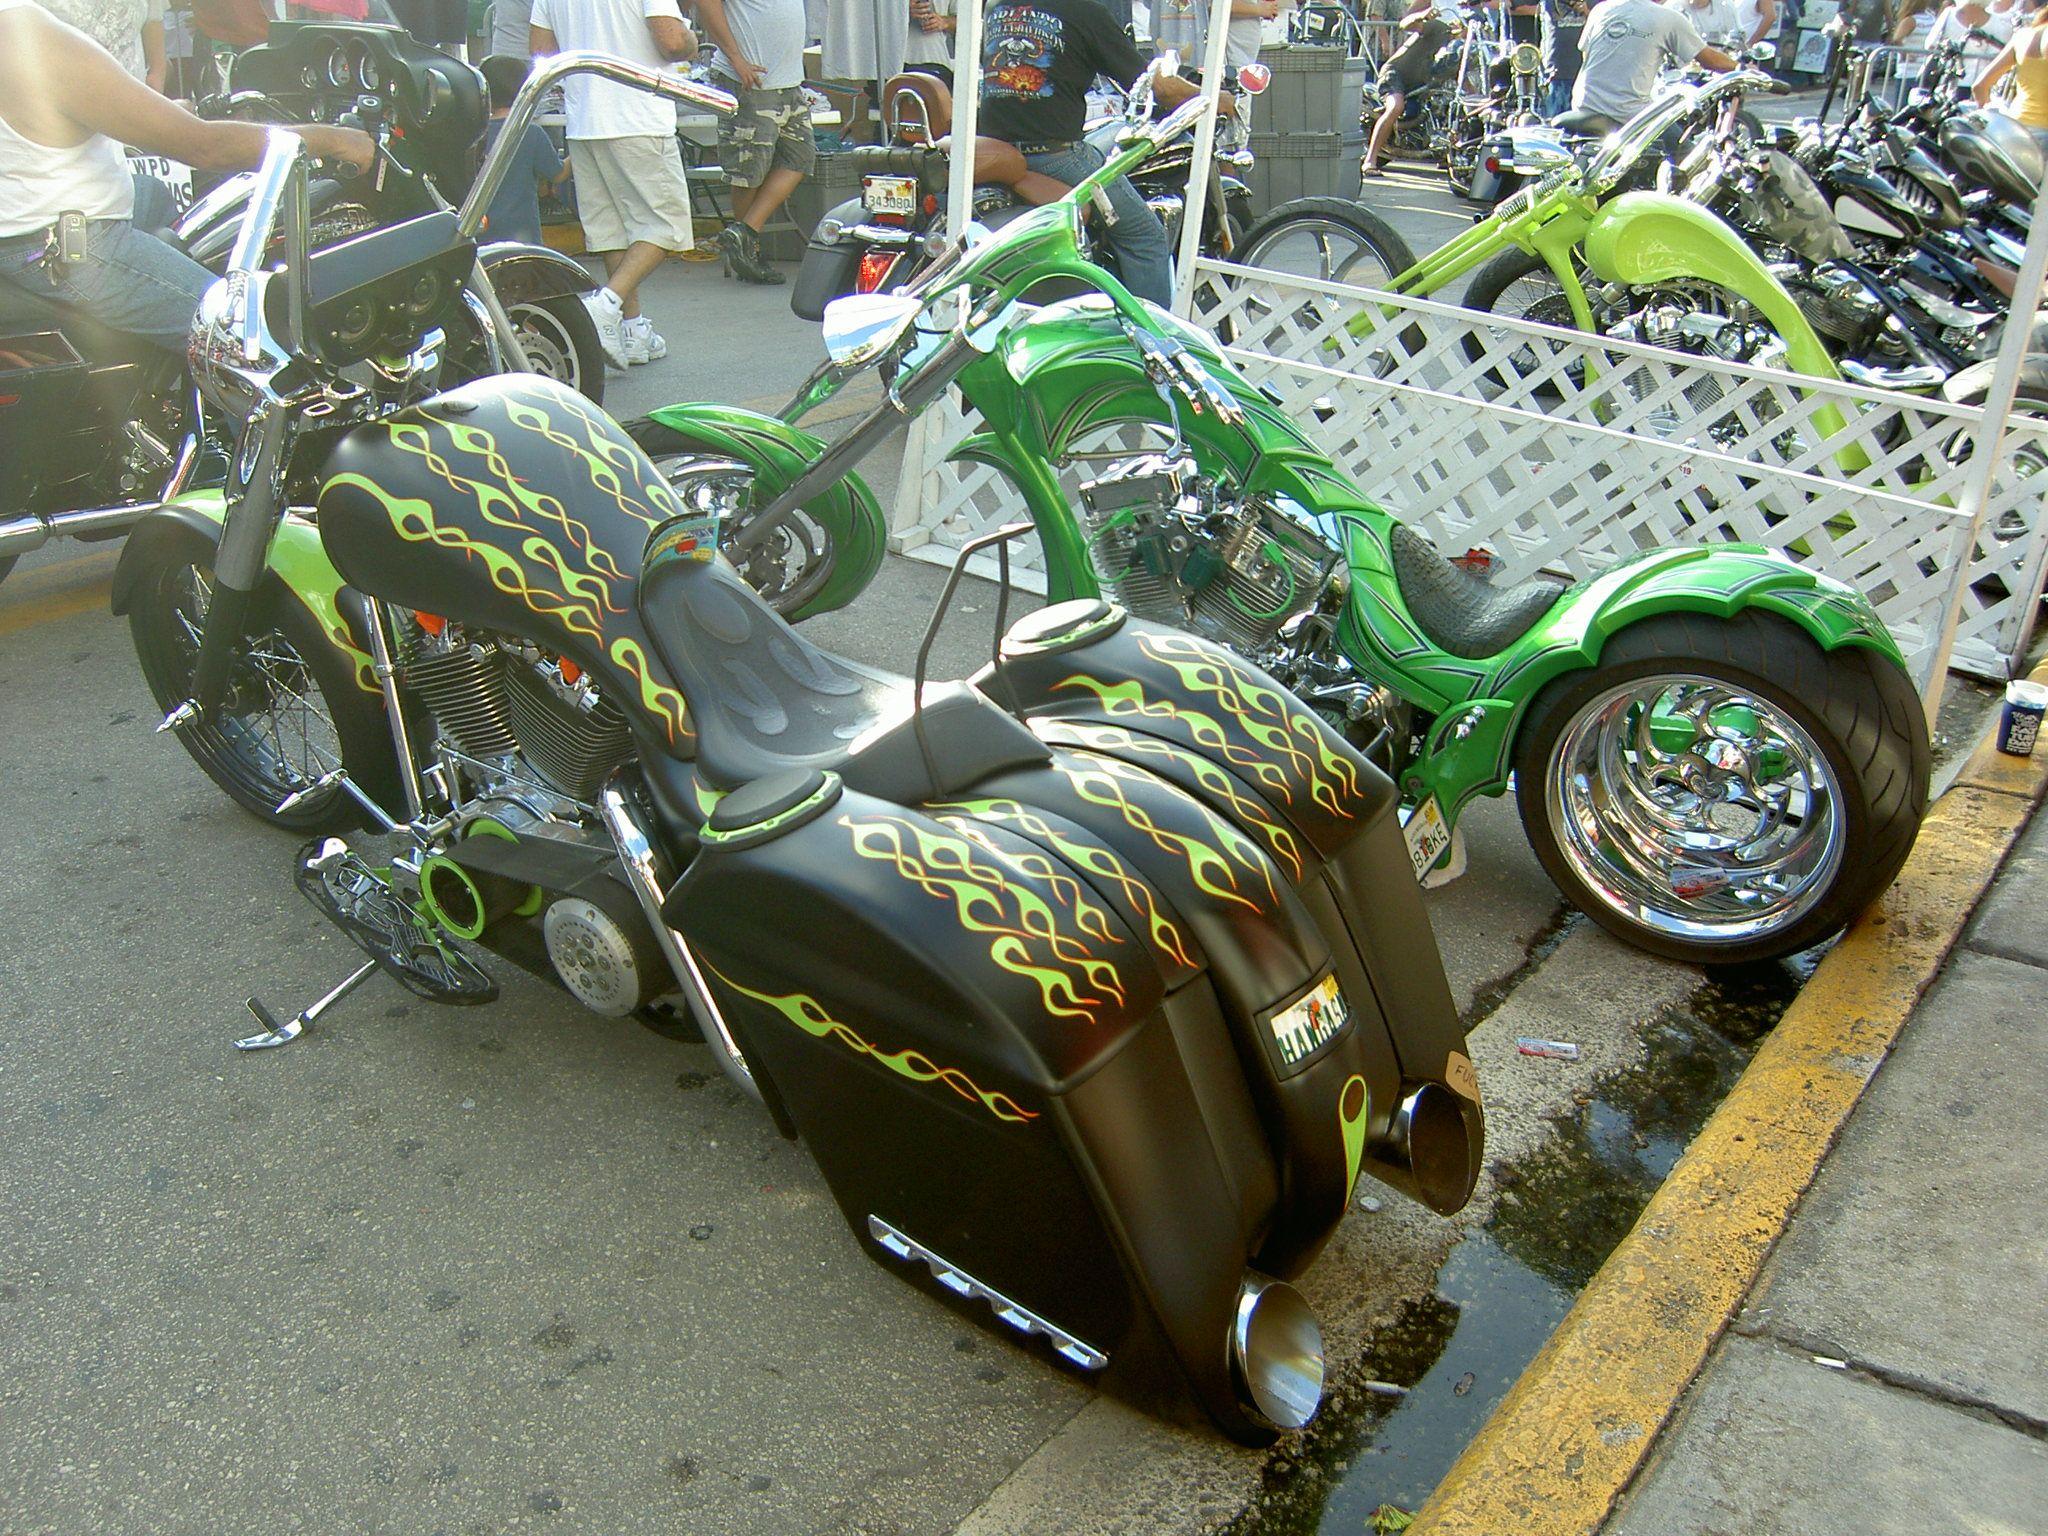 Pin by Lorenzo Casado on Motos en Miami (USA) Golf bags